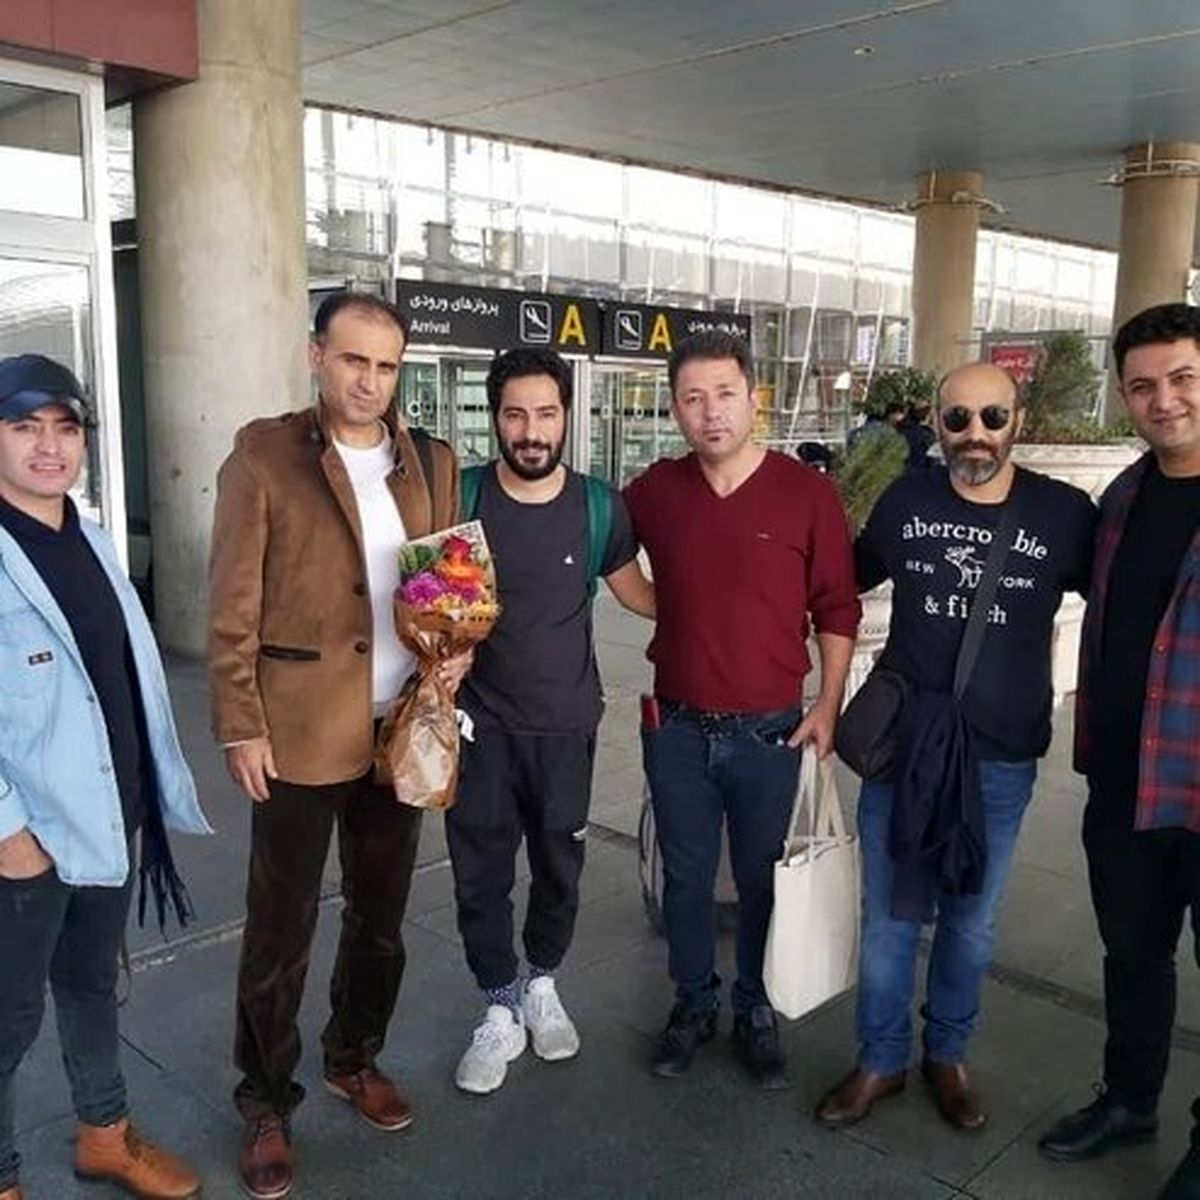 نوید محمدزاده پس از بازگشت از توکیو در فرودگاه امام خمینی +عکس